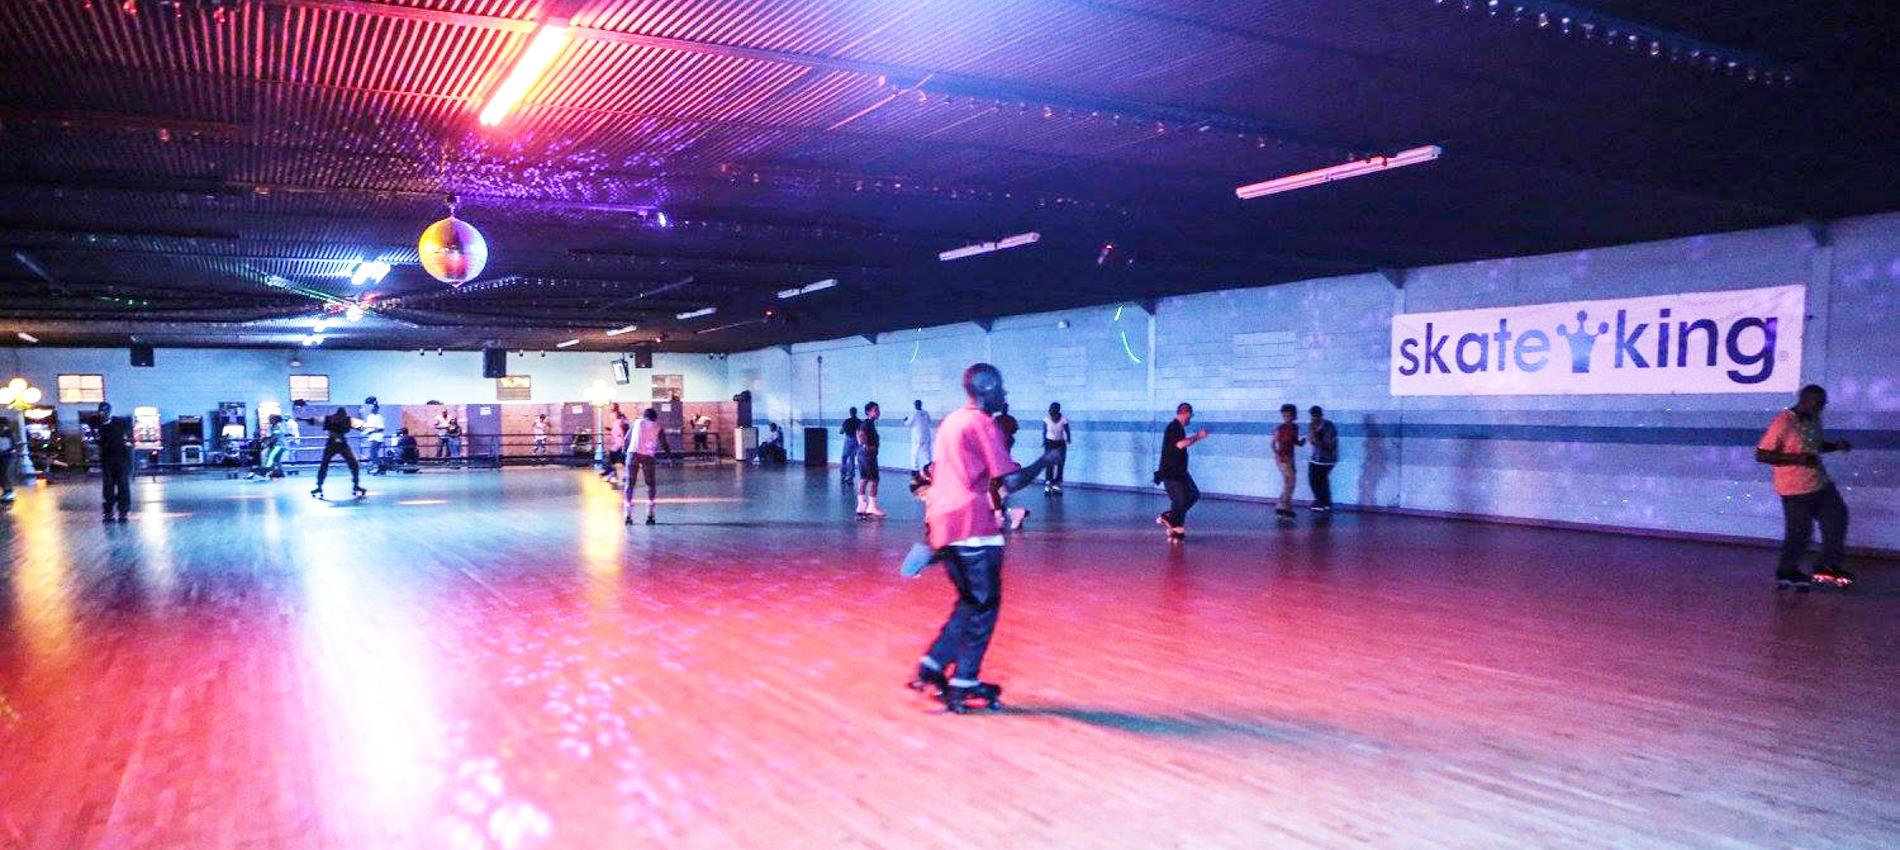 Roller skating rink oakville - Stlfinest60c Jpg